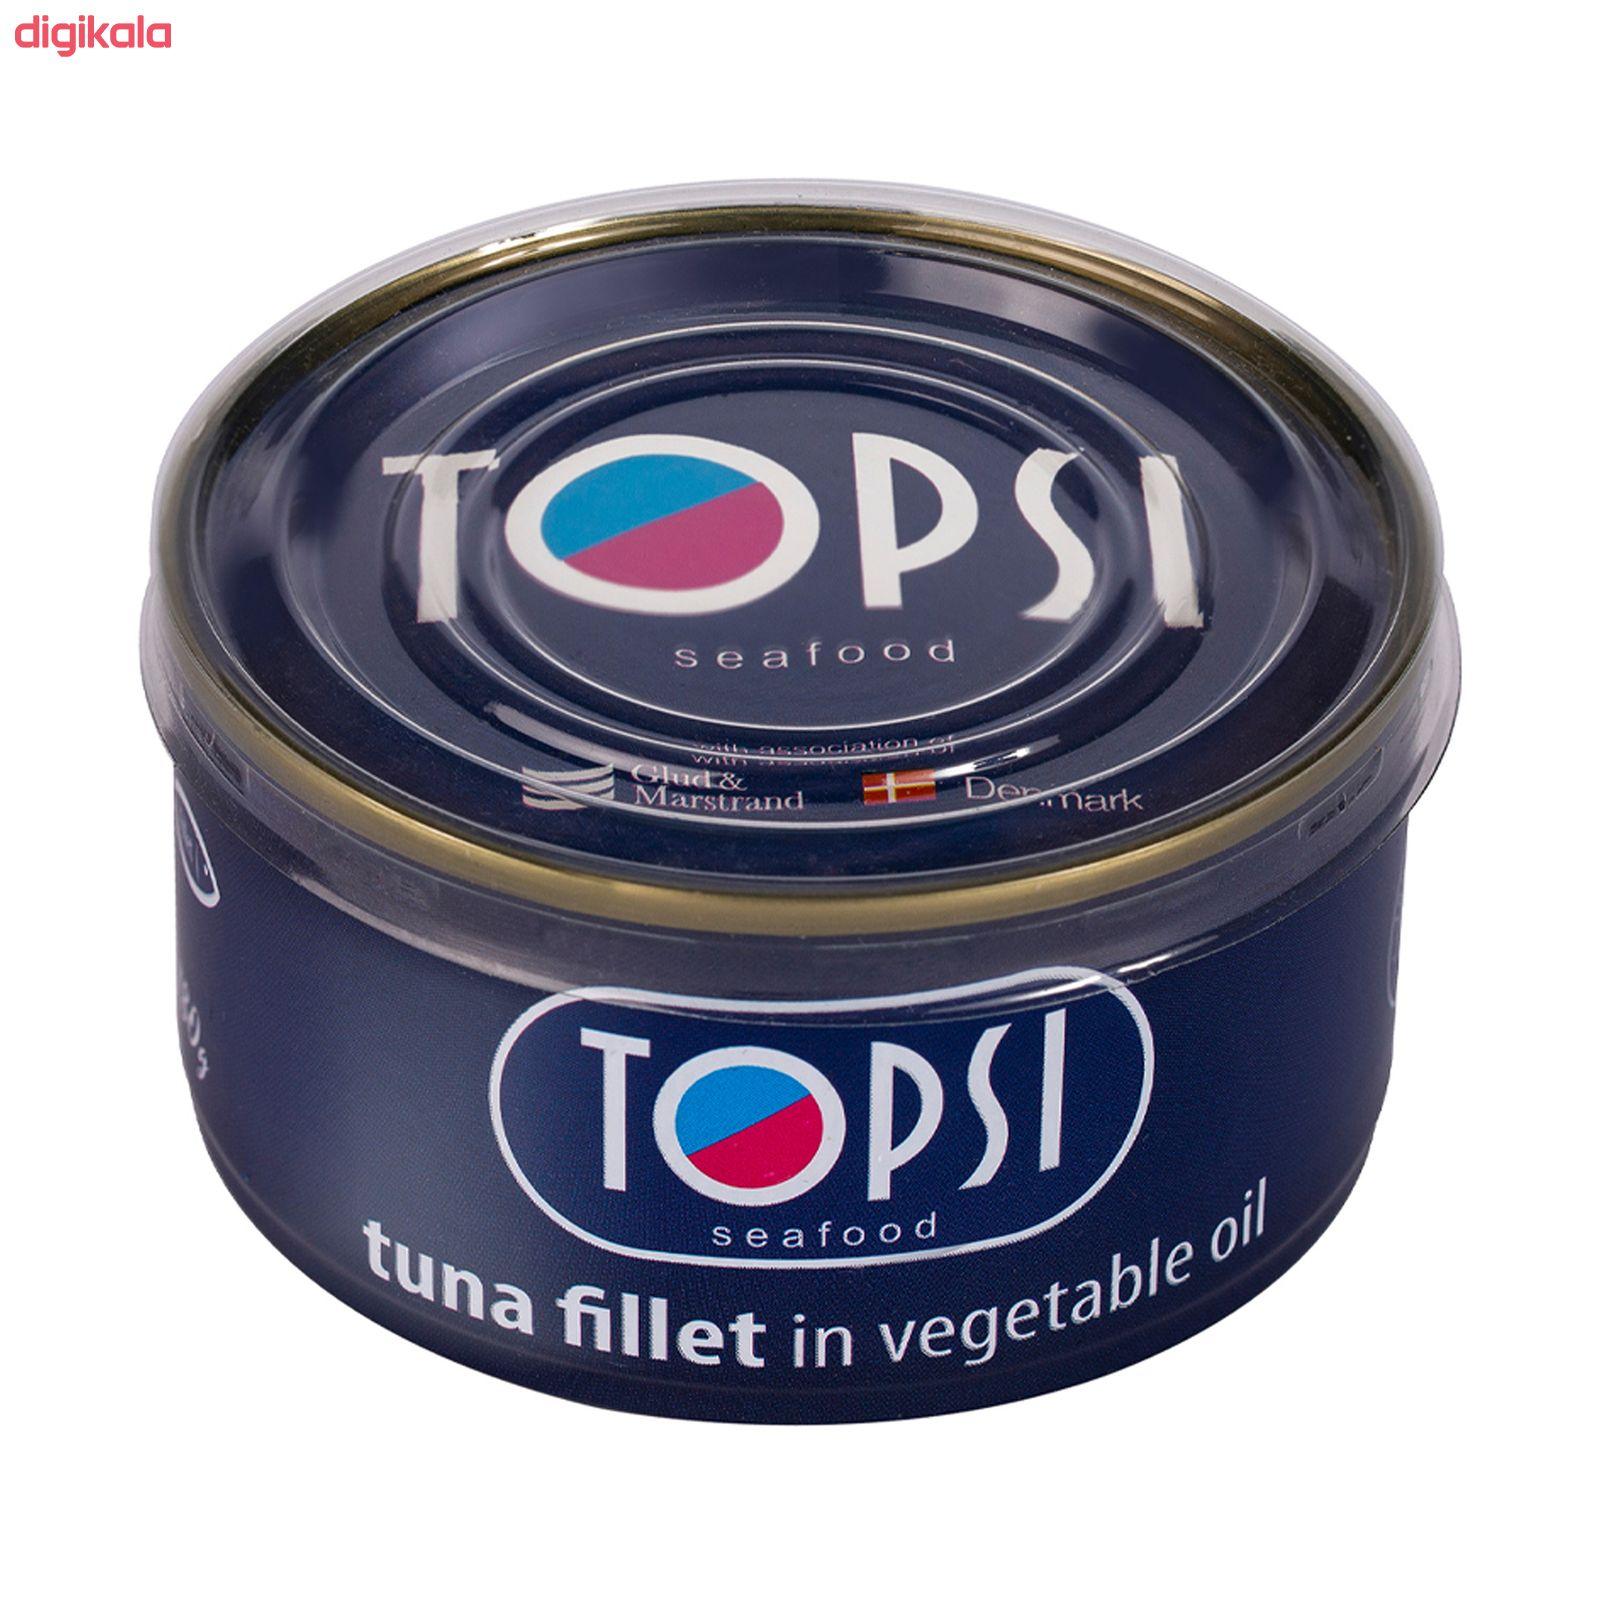 کنسرو ماهی فیله در روغن گیاهی تاپسی  - 180 گرم main 1 2